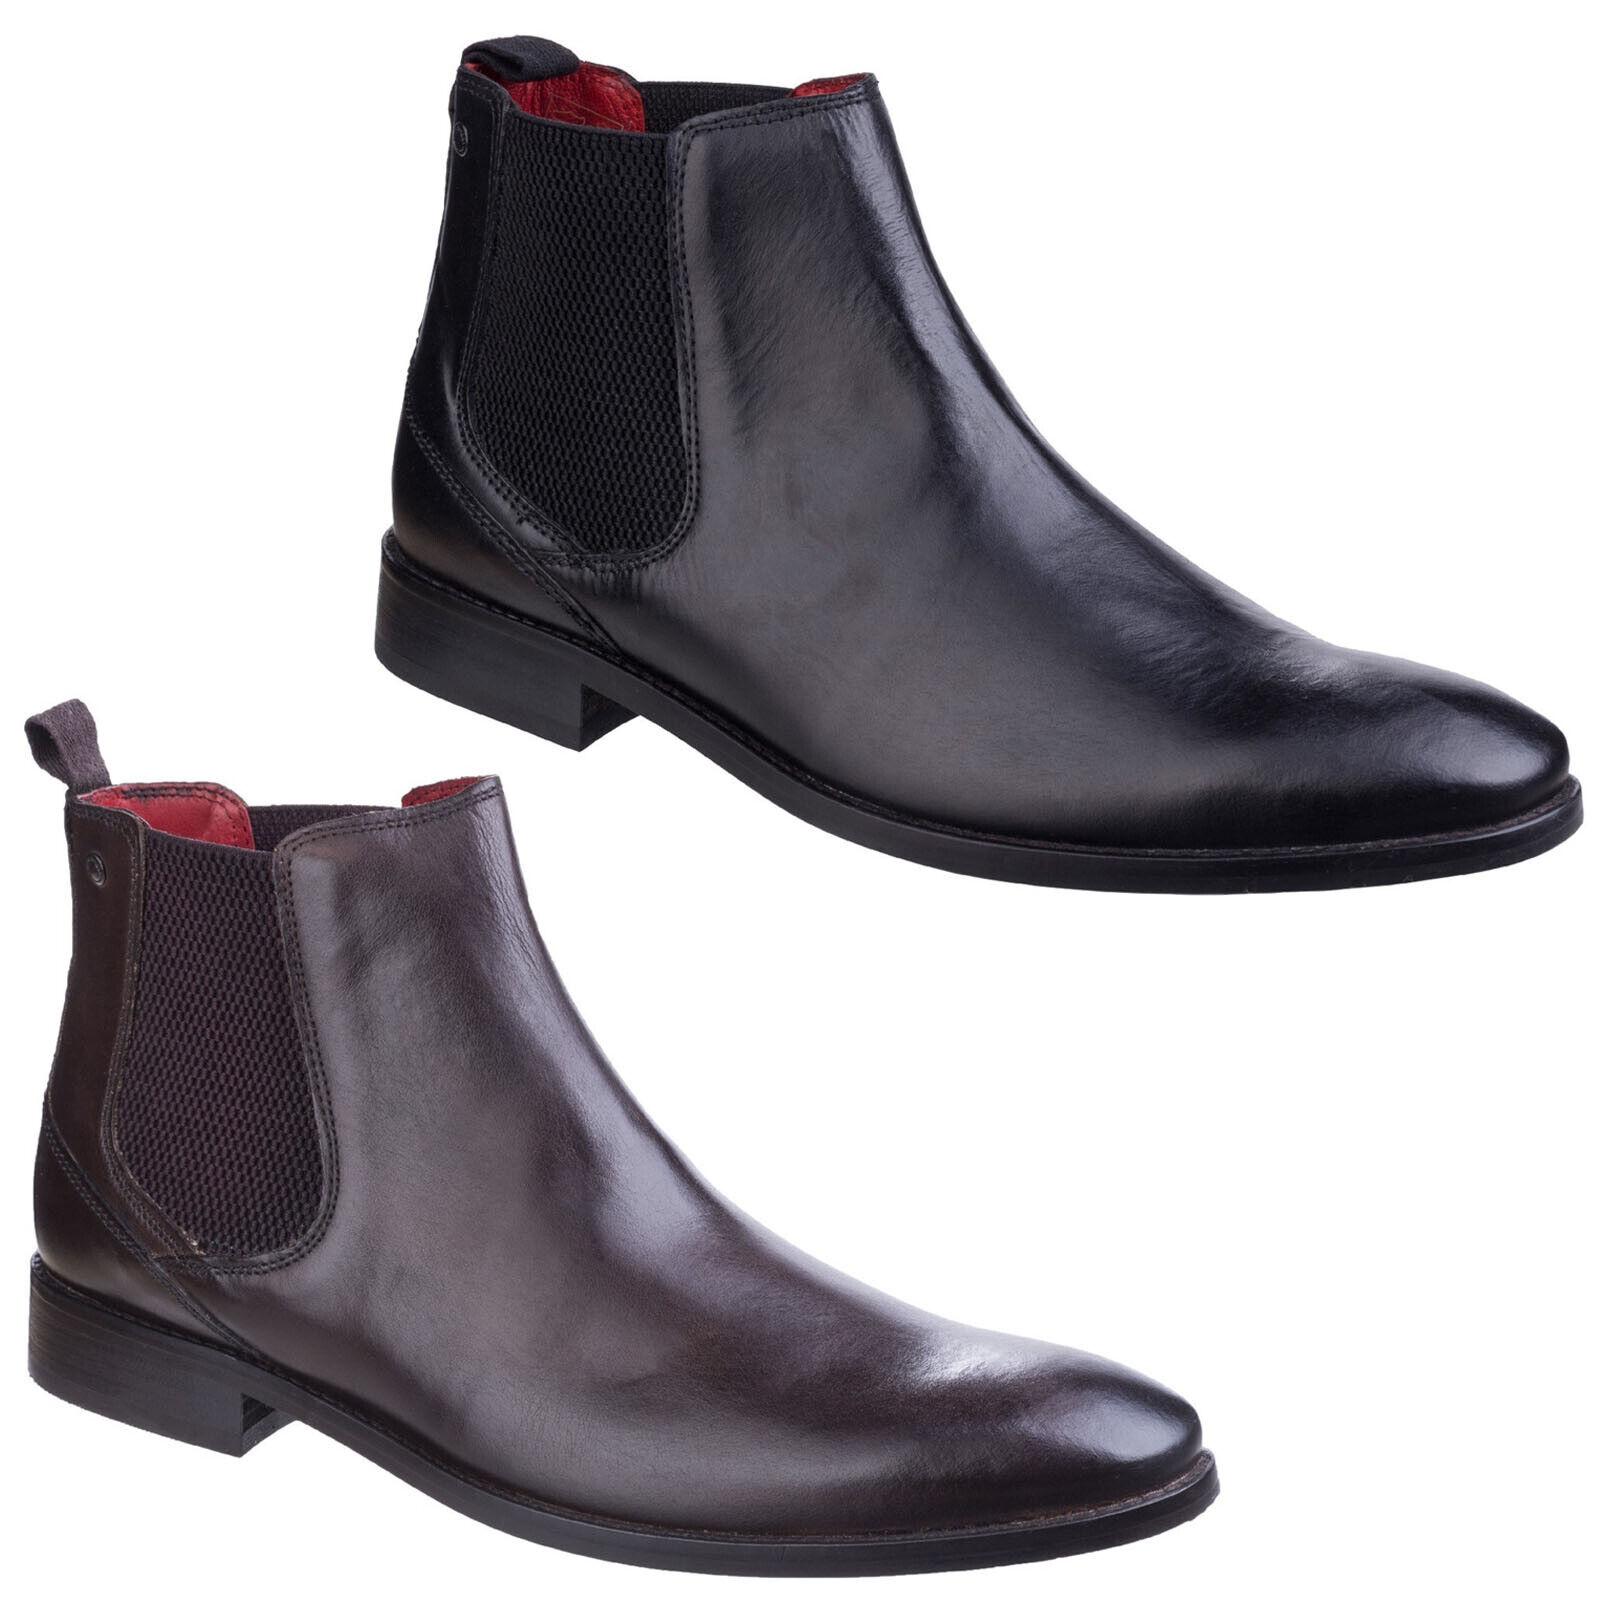 Base London Cheshire Chelsea stivali Formal Leather Smart Dealer  Mens scarpe  consegna gratuita e veloce disponibile